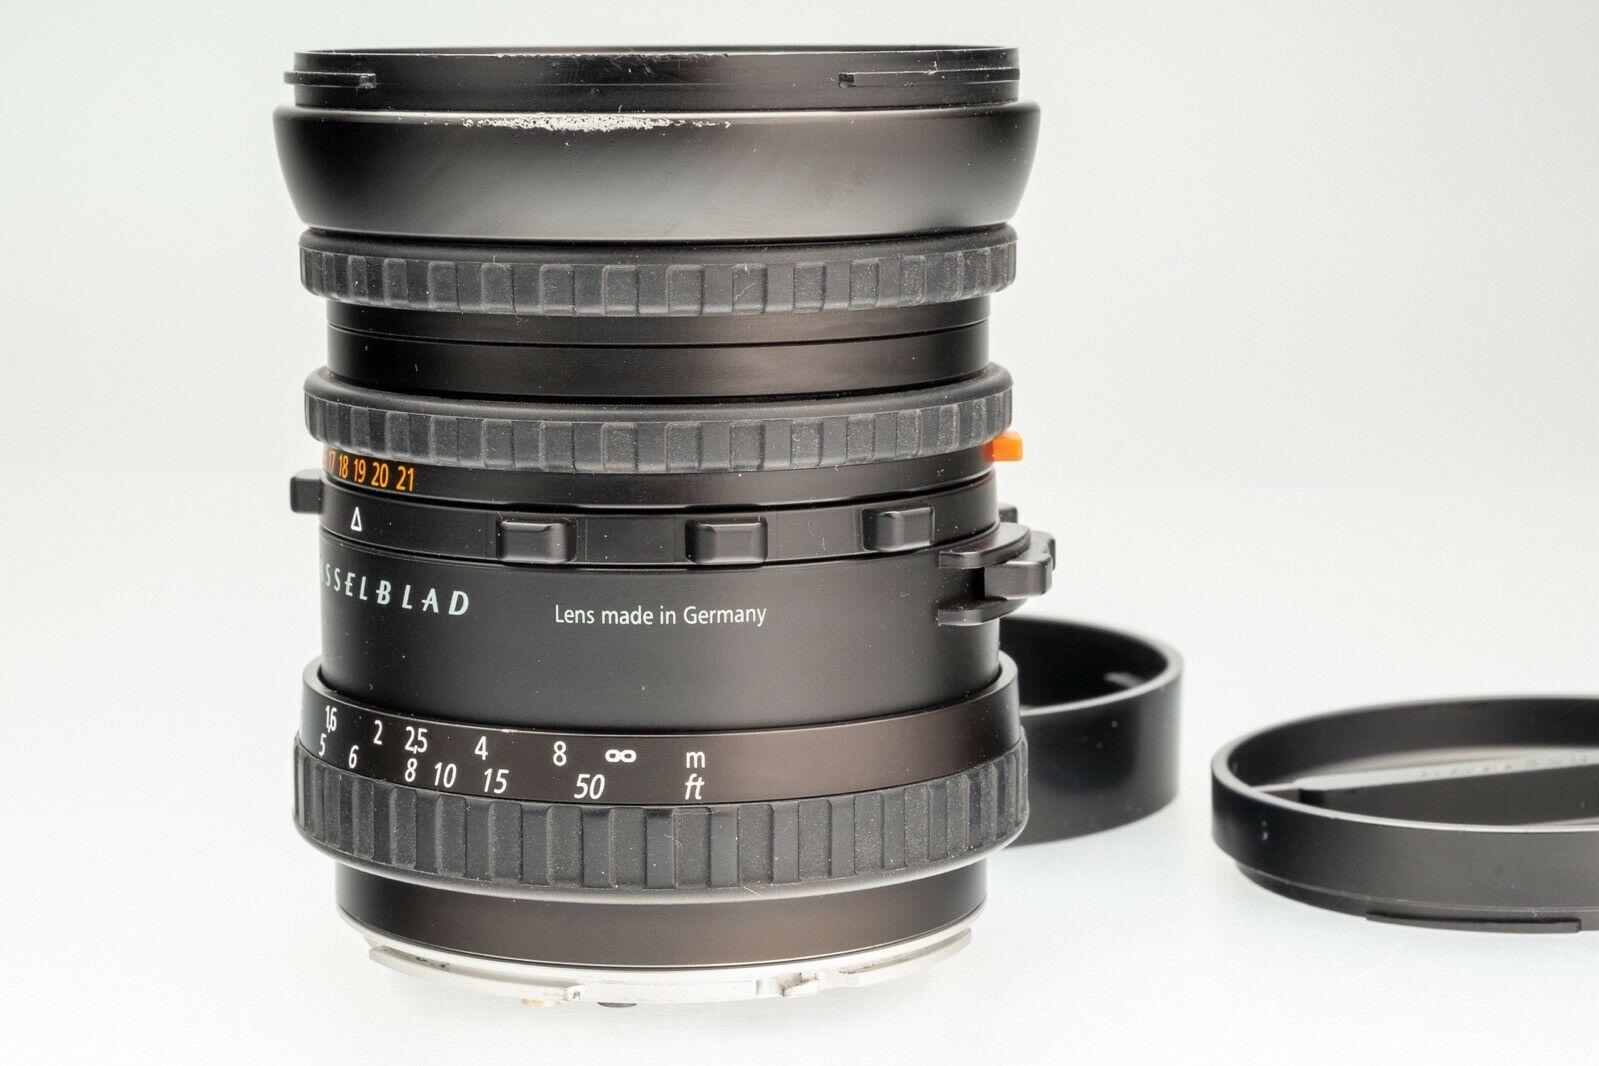 Hasselblad Zeiss Distagon CFi 50mm 4.0 FLE